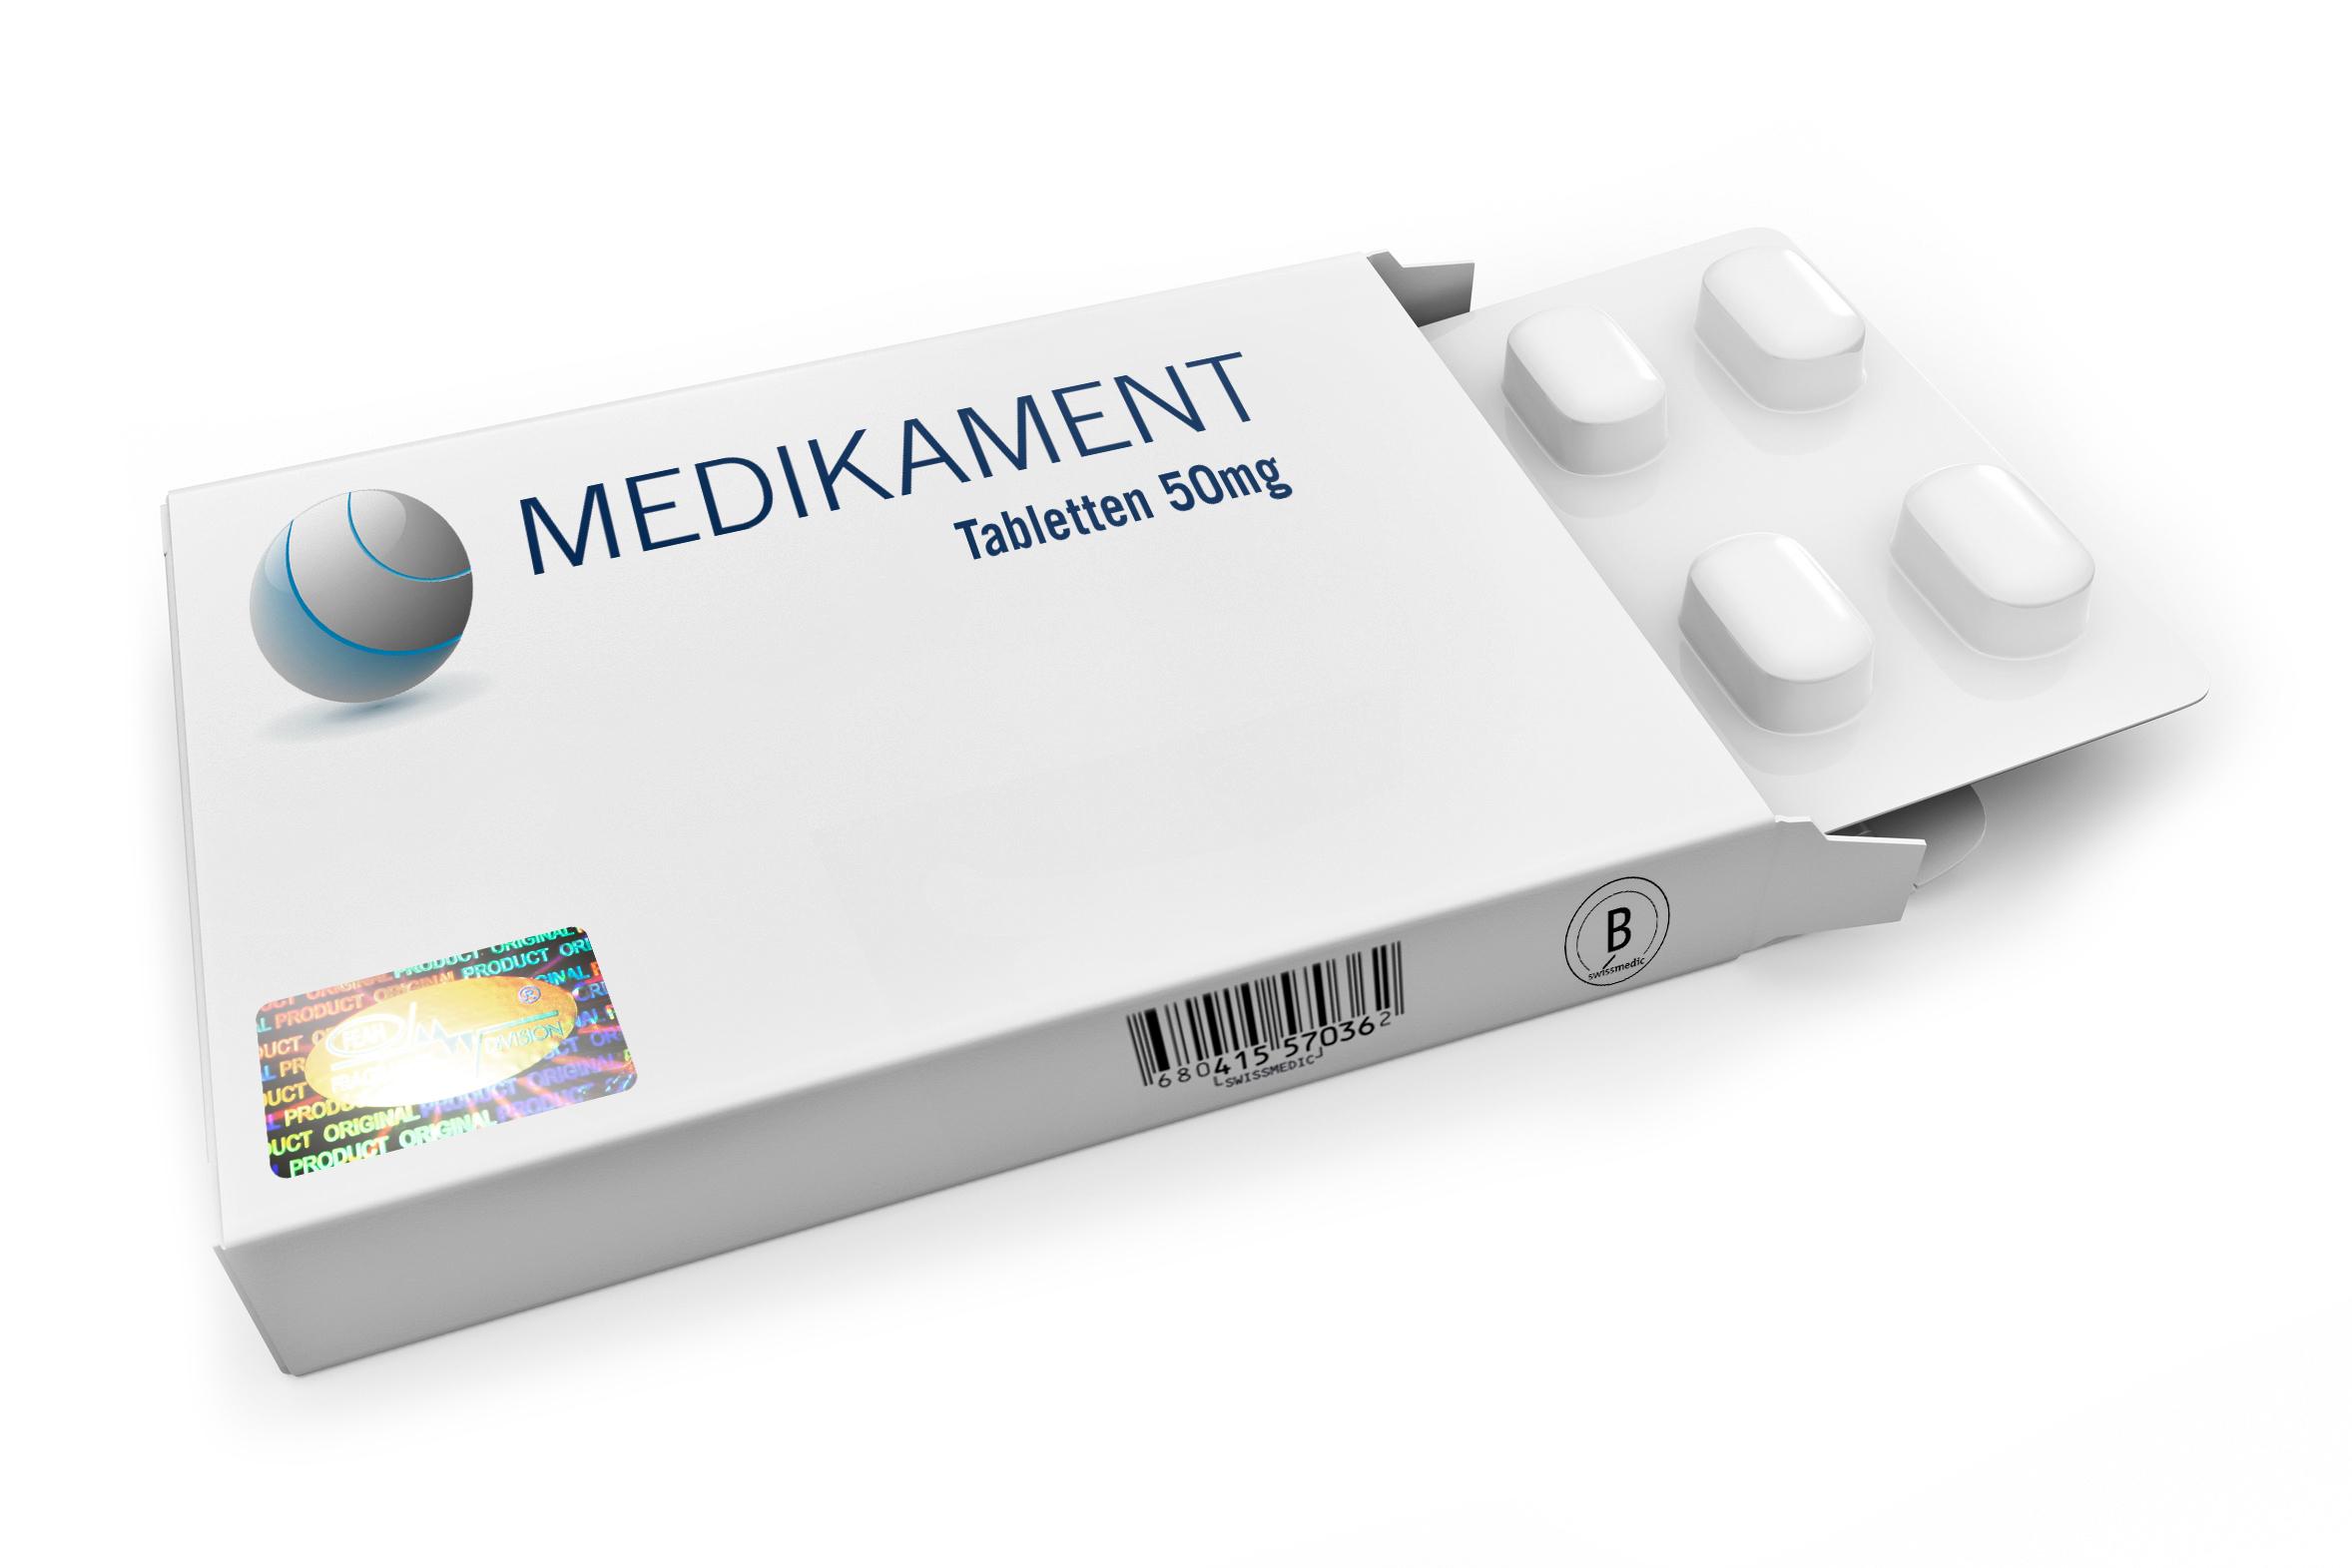 Medikamentenpackung mit Hologramm